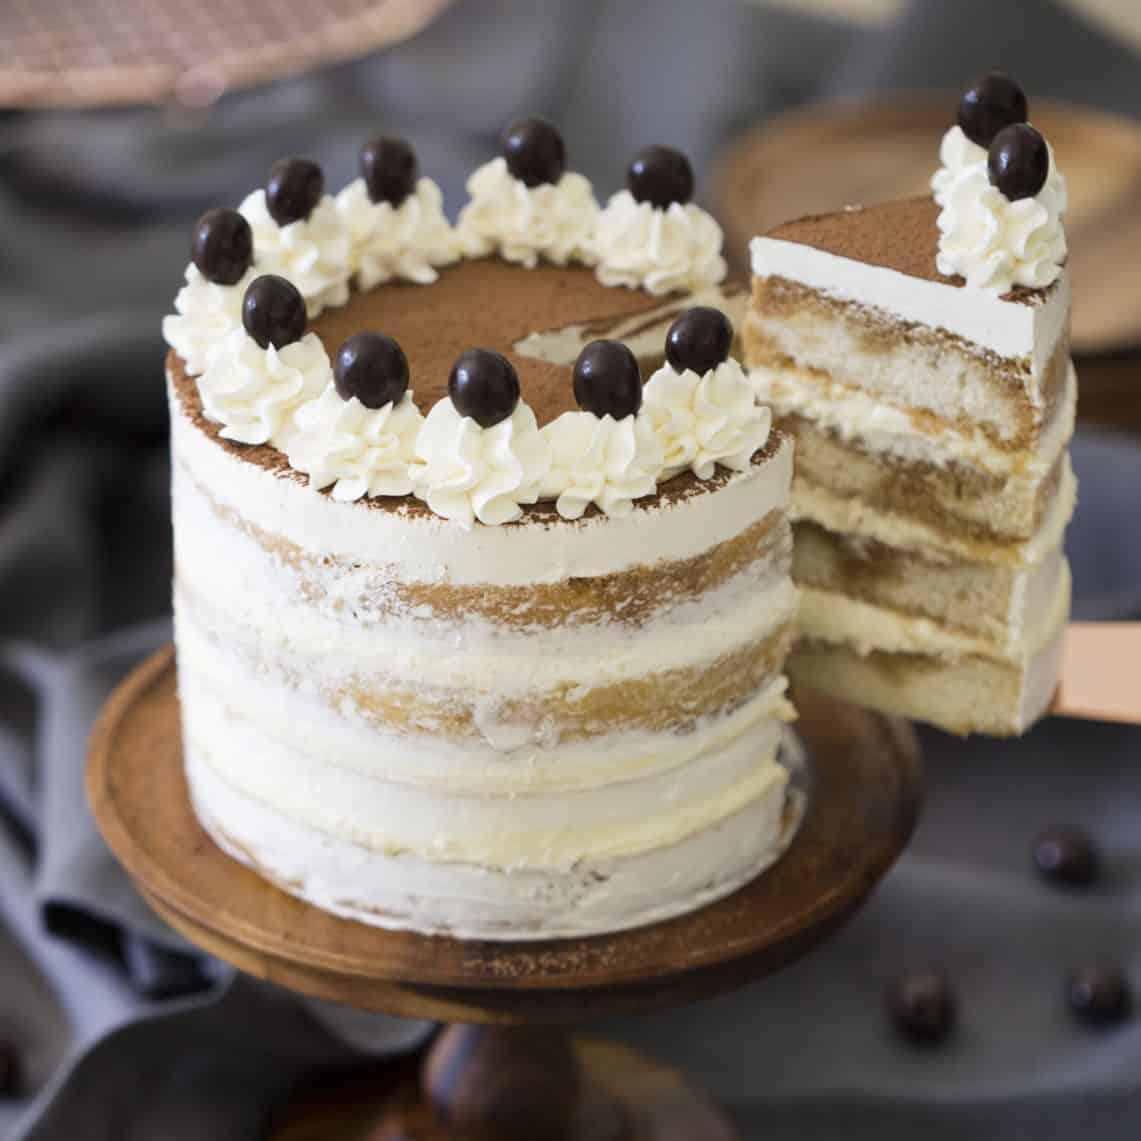 Hương vị bánh kem quận 9 nào chắc chắn làm các mẹ cảm thấy yêu thích?